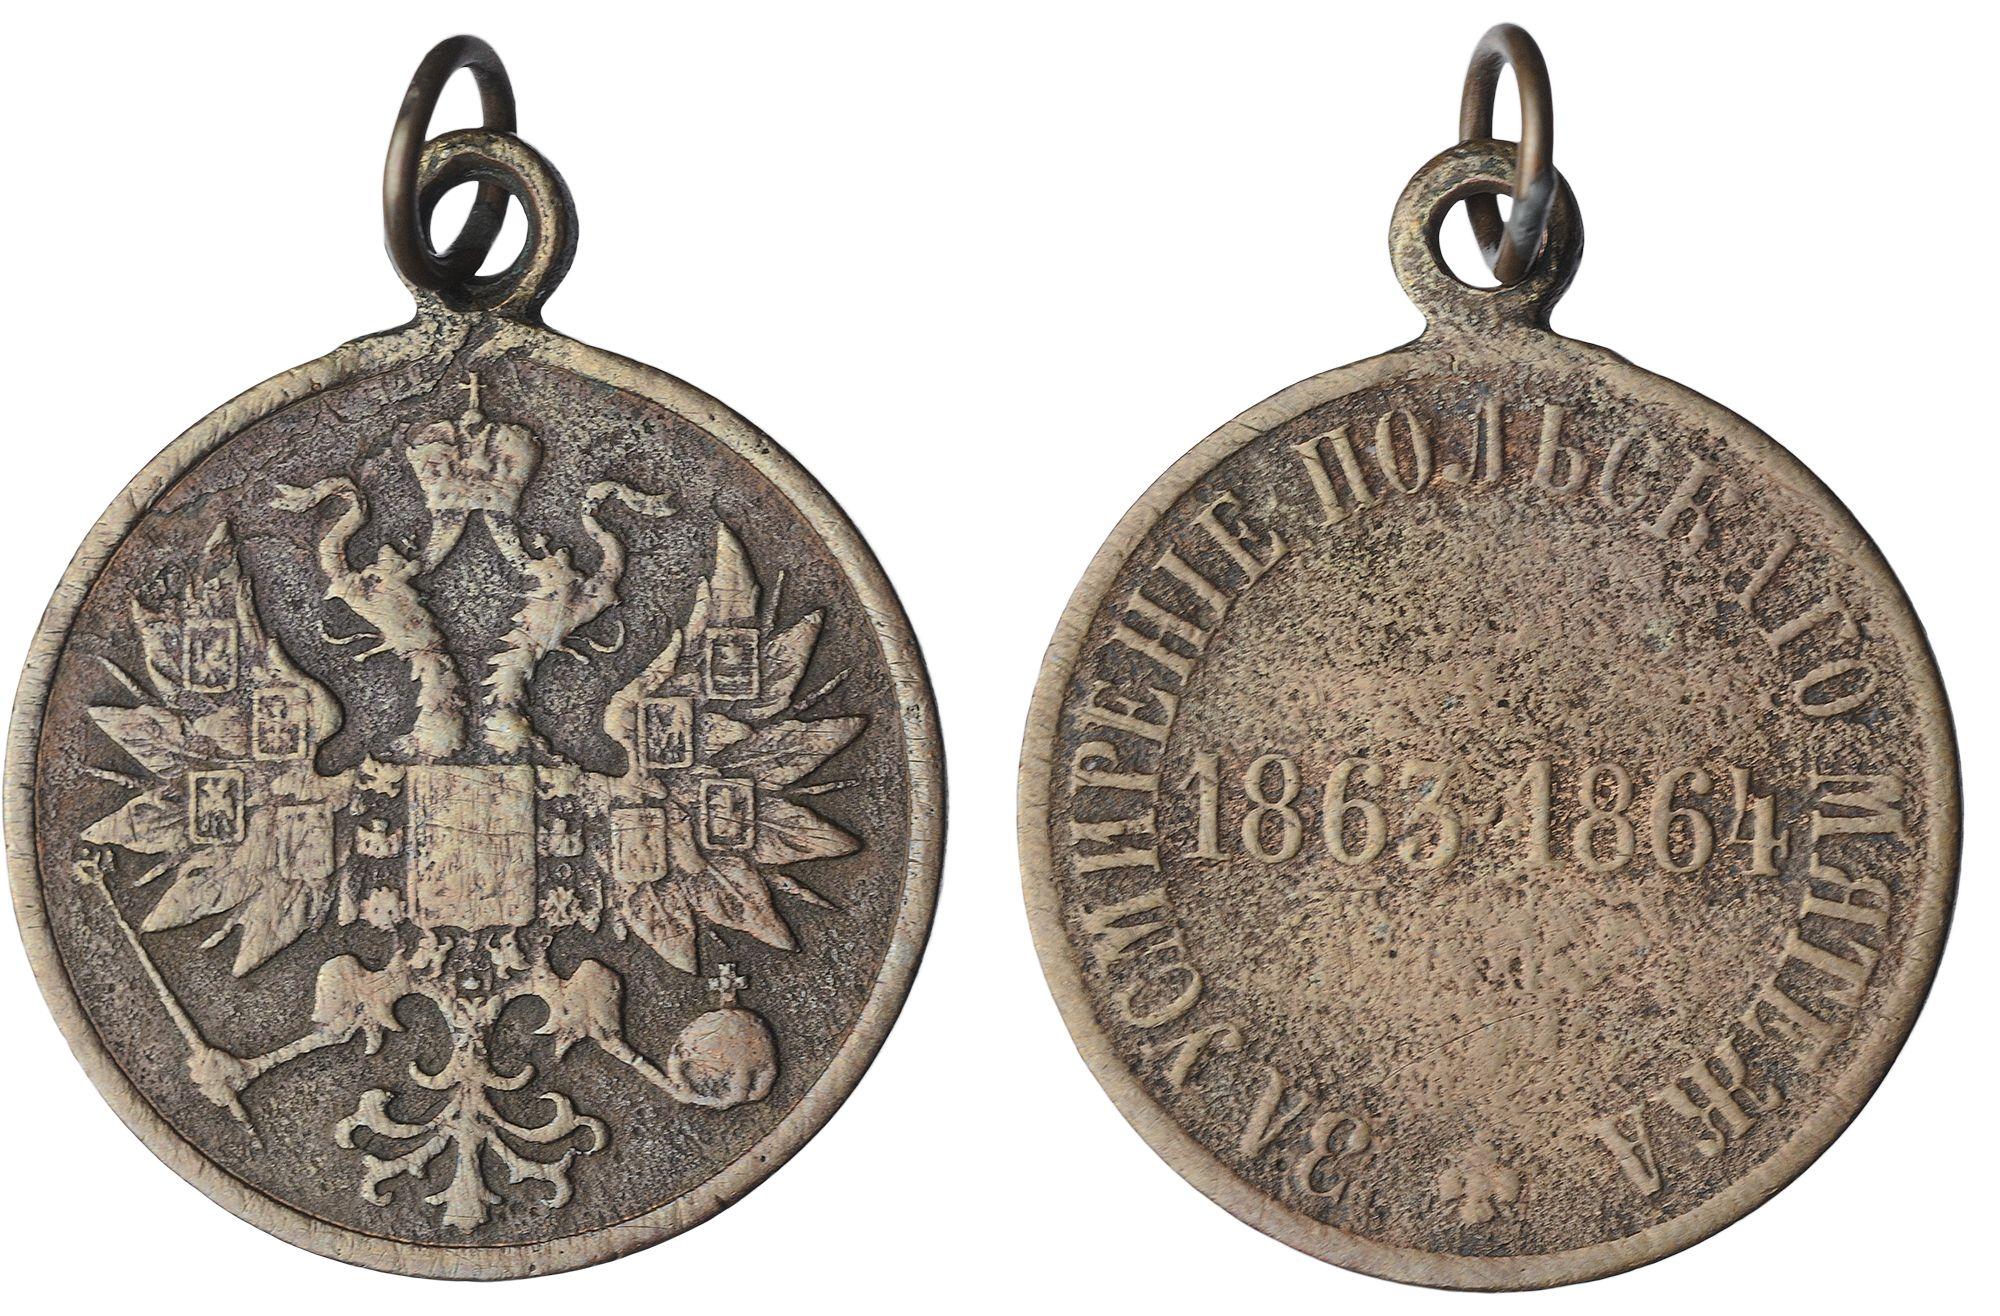 Наградная медаль «За усмирение Польского мятежа 1863-1864 гг.»